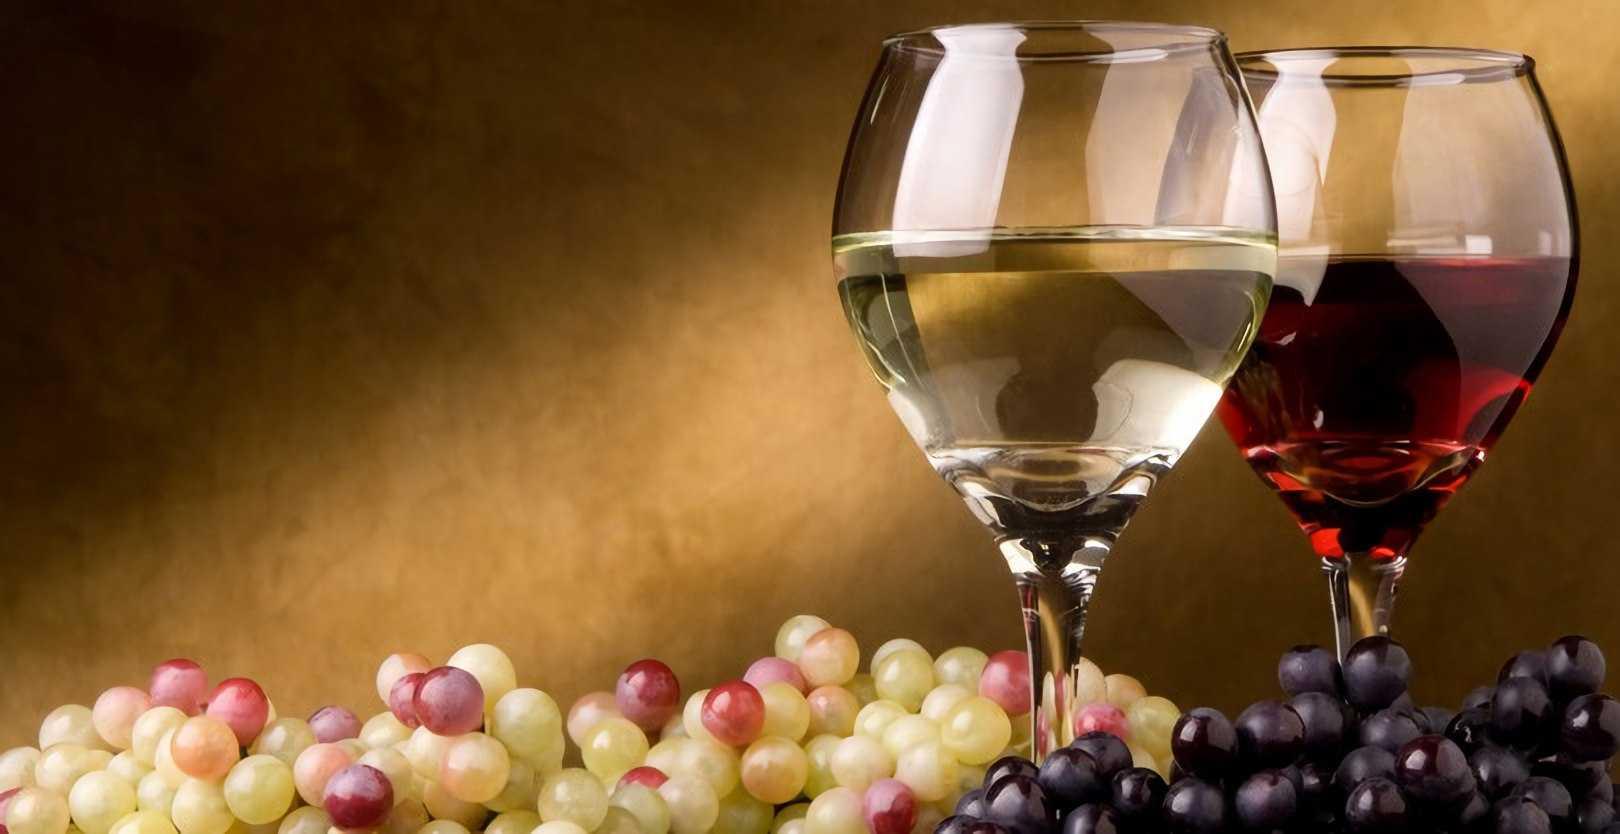 Крепленое вино: приготовление в домашних условиях